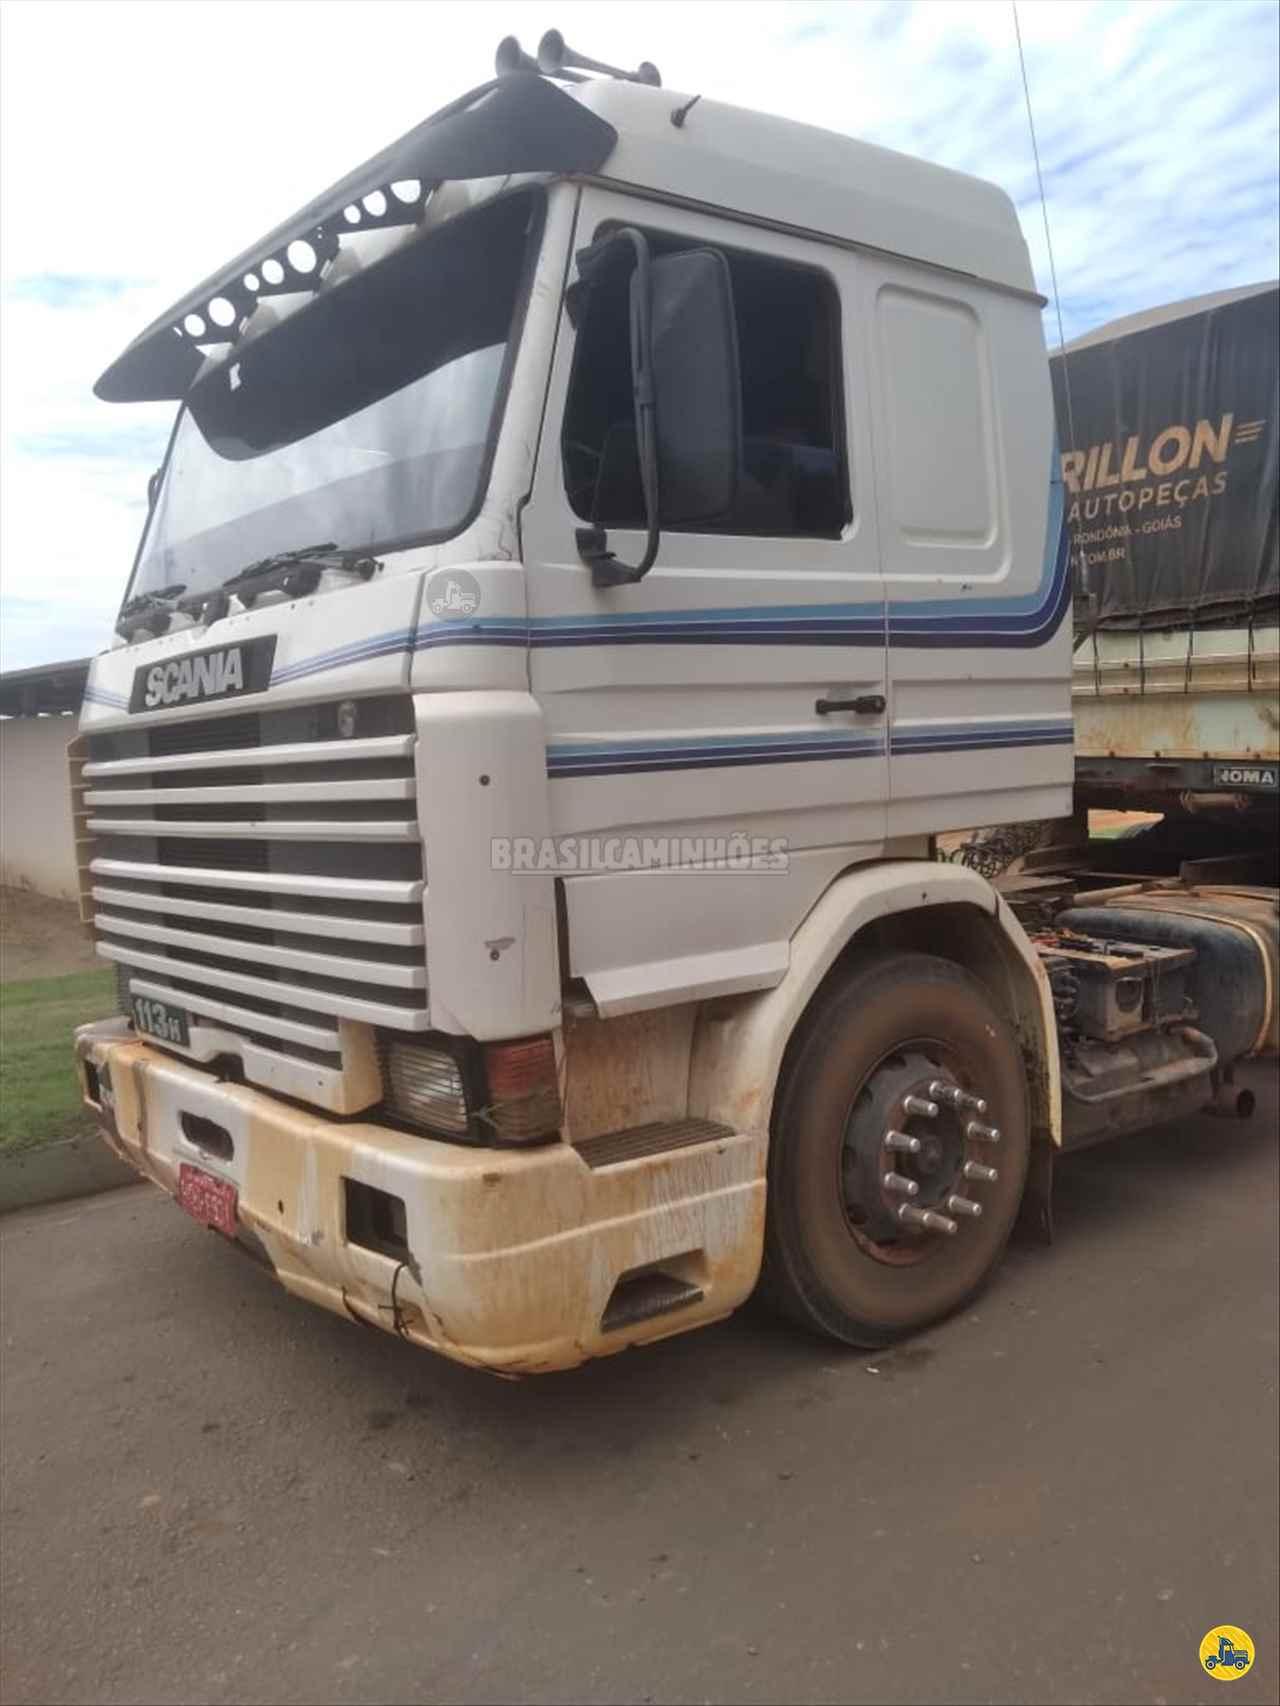 CAMINHAO SCANIA SCANIA 113 360 Graneleiro Truck 6x2 Brasil Caminhões Sinop SINOP MATO GROSSO MT